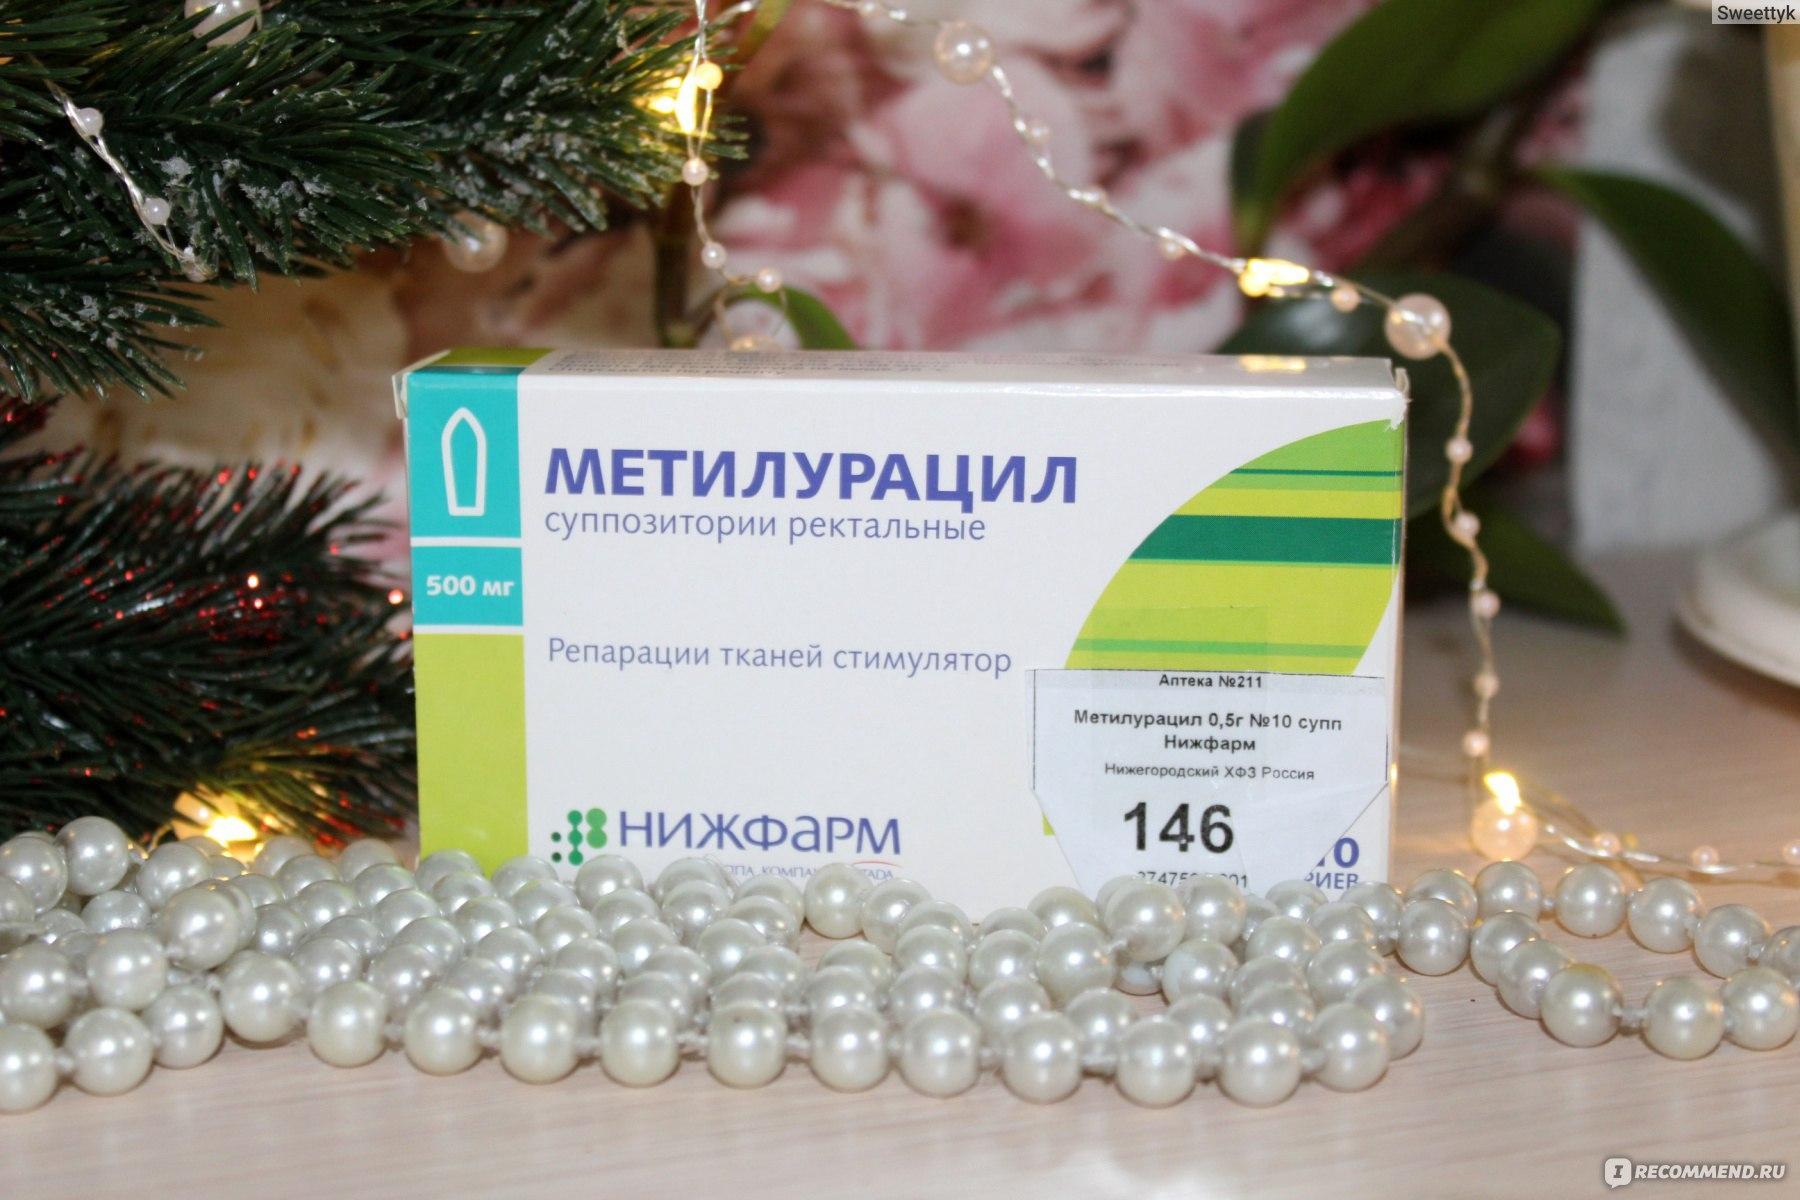 Свечи с метилурацилом от простатита отзывы как лечить простатит лечение таблетки